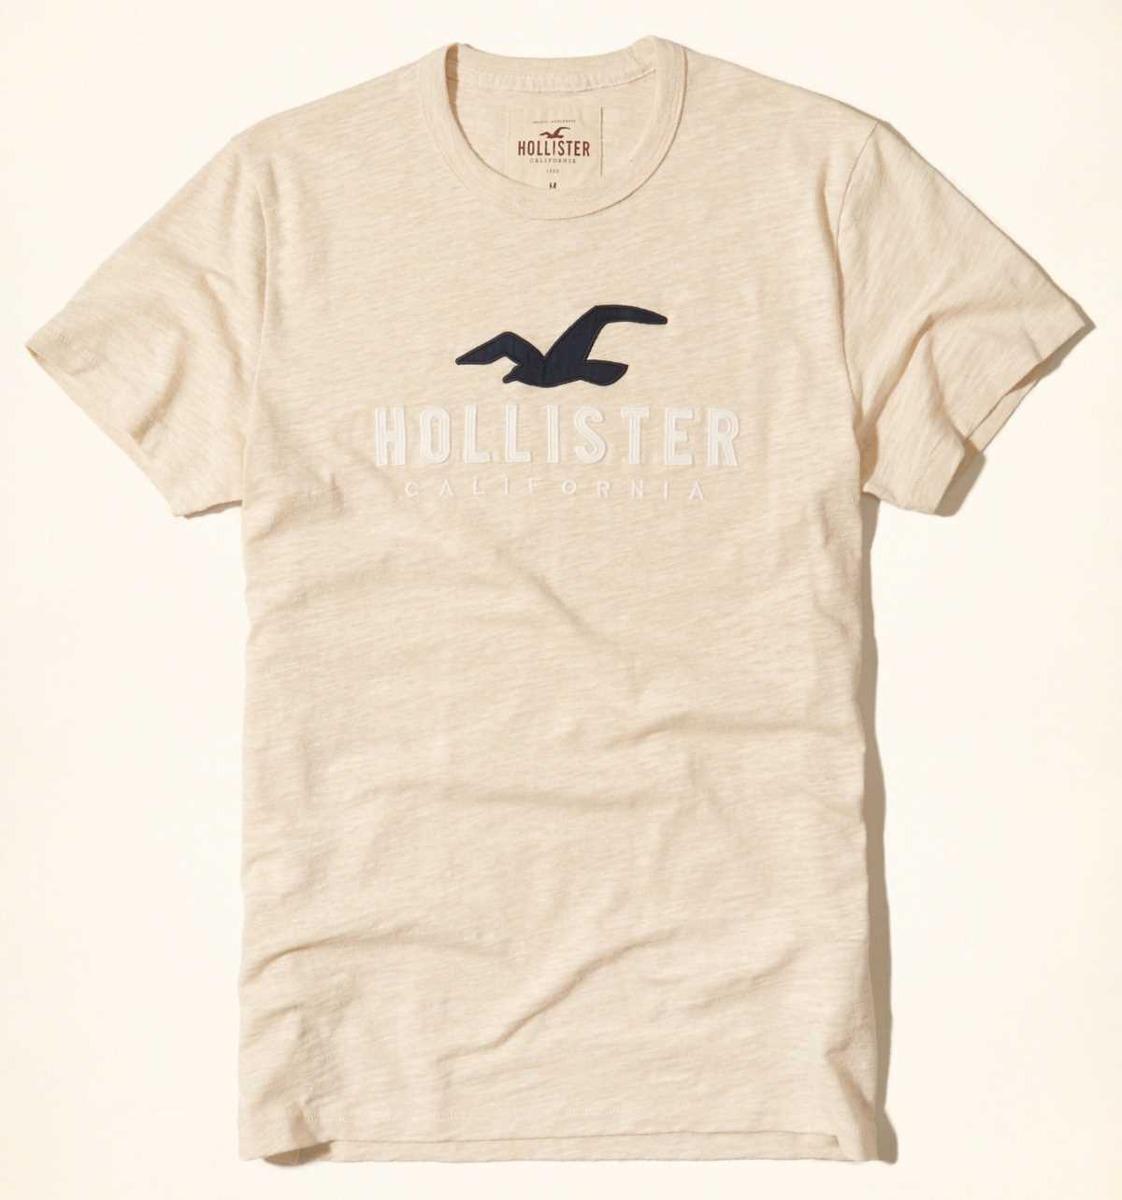 Camiseta Hollister Original Importada Eua Tamanho M Médio - R  110,49 em Mercado  Livre c1d972ef09